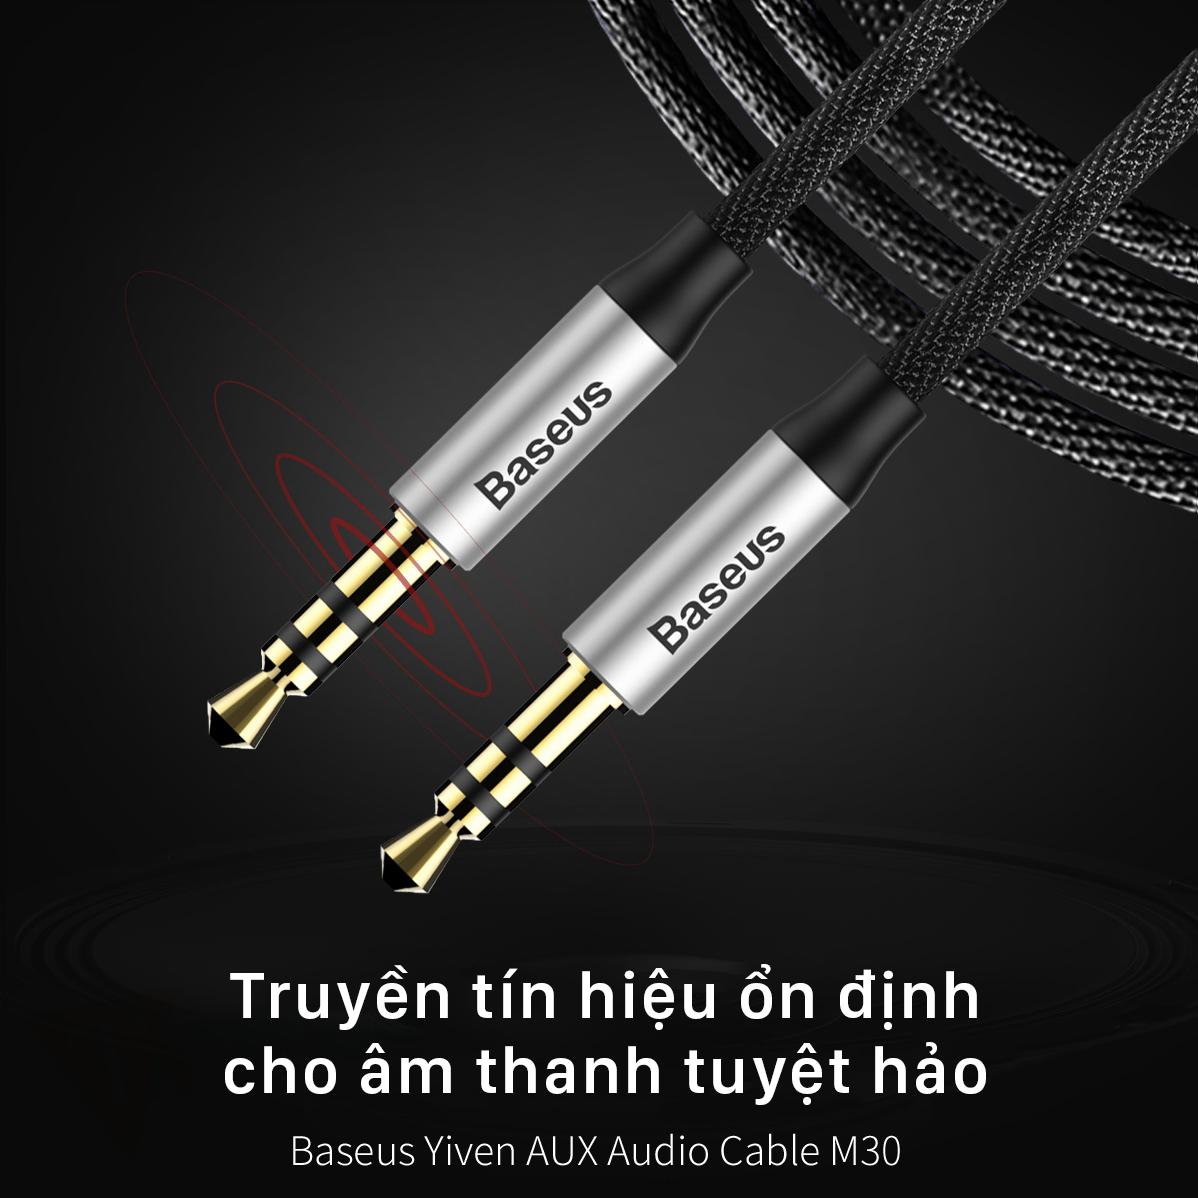 Cáp truyền âm thanh Baseus Yiven M30, dài 1m, bọc vải, chân cắm 3.5mm